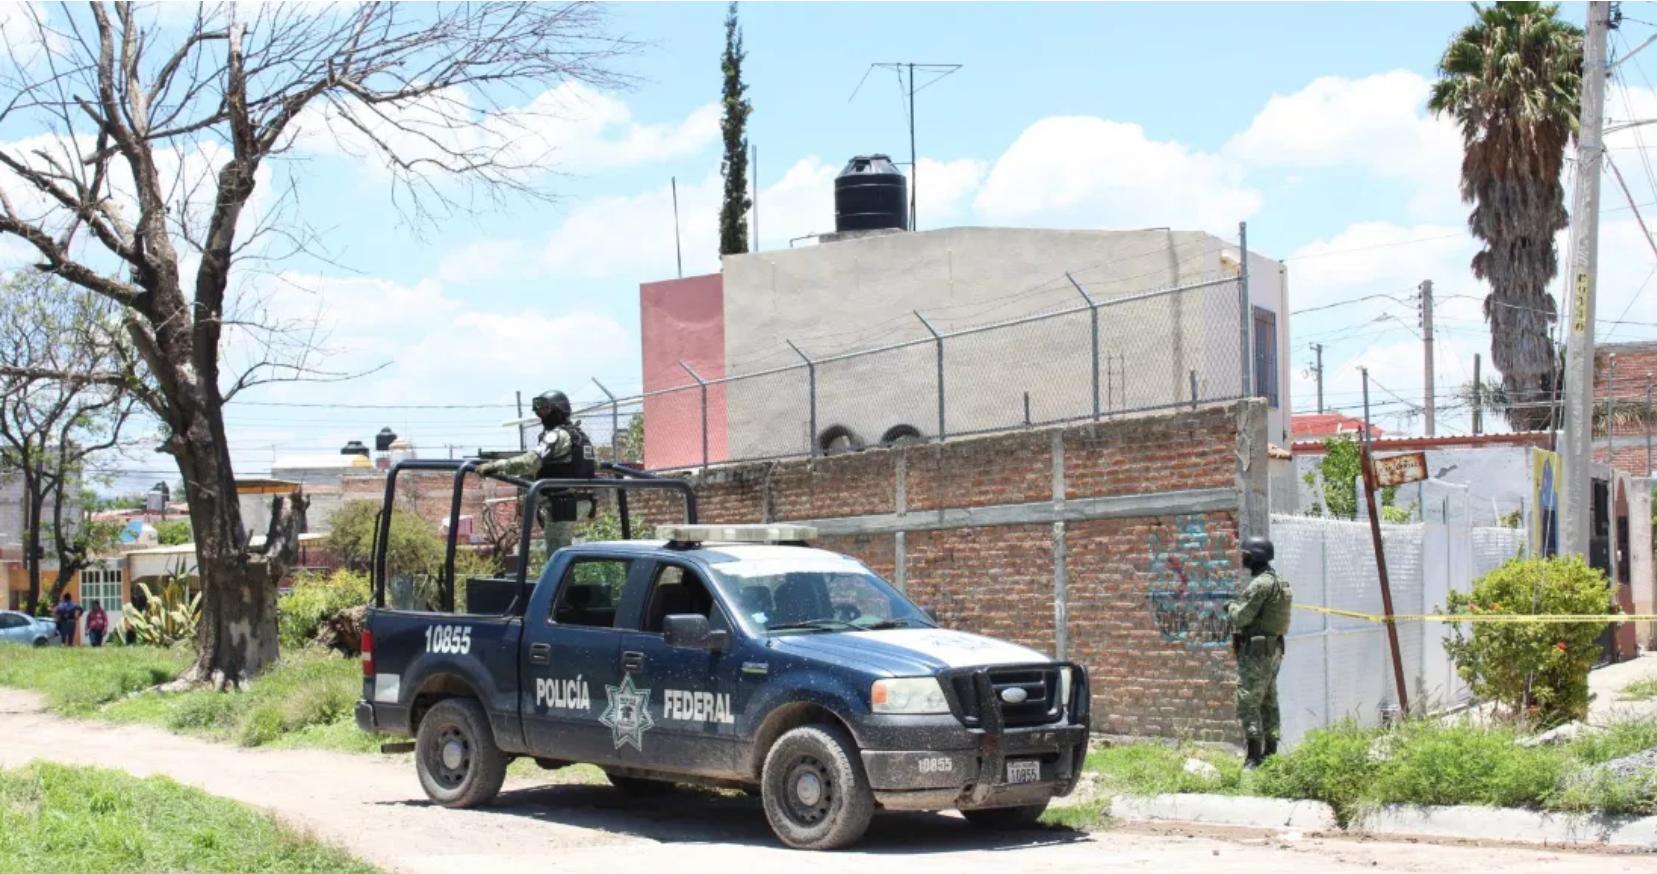 La ciudad mexicana de Celaya, en Guanajuato, es la más violenta del mundo,  dice el Ranking 2020 - Zona Franca